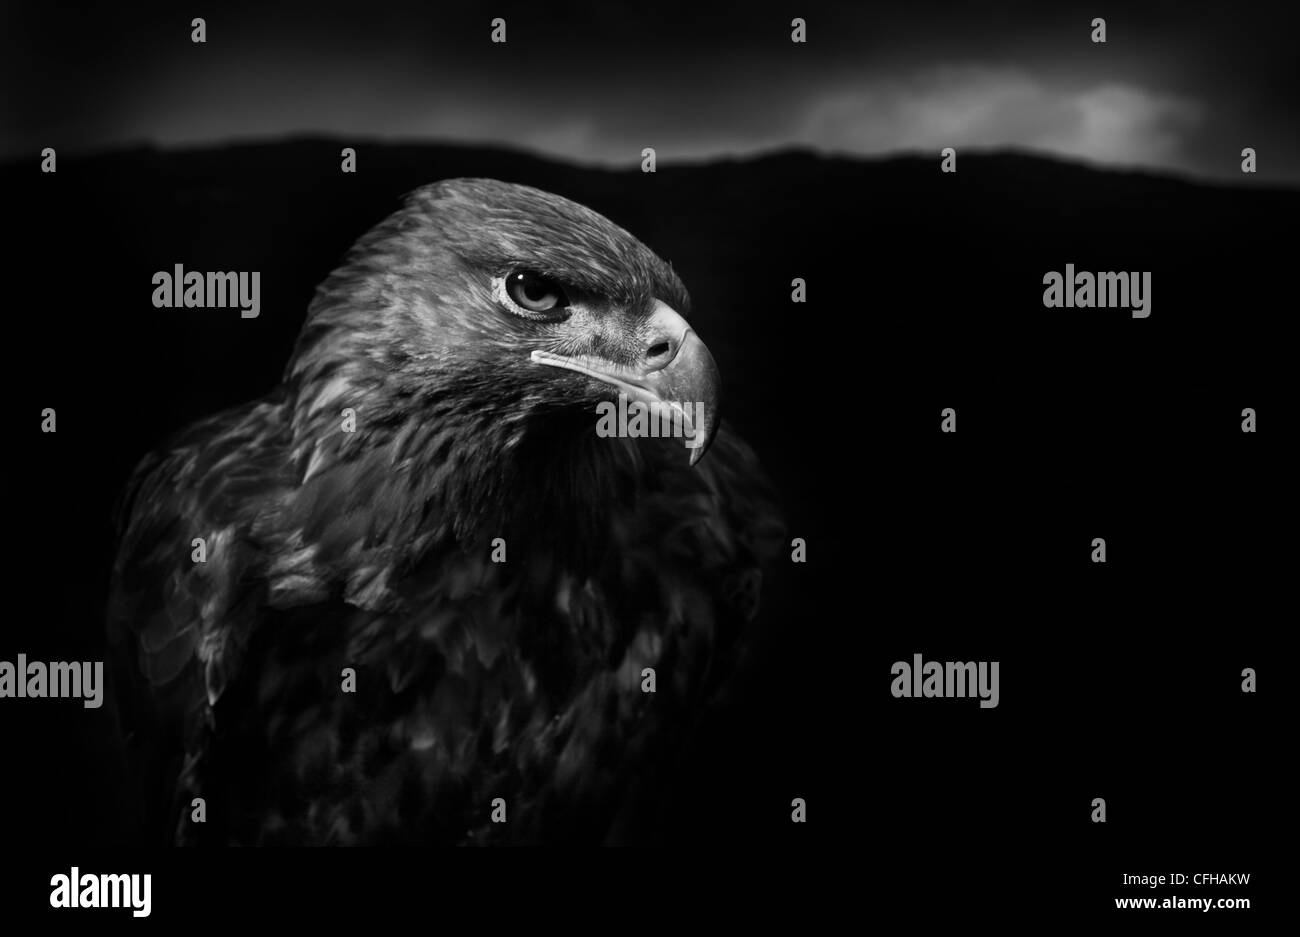 Golden Eagle male, black and white image. Captive bird, UK. - Stock Image